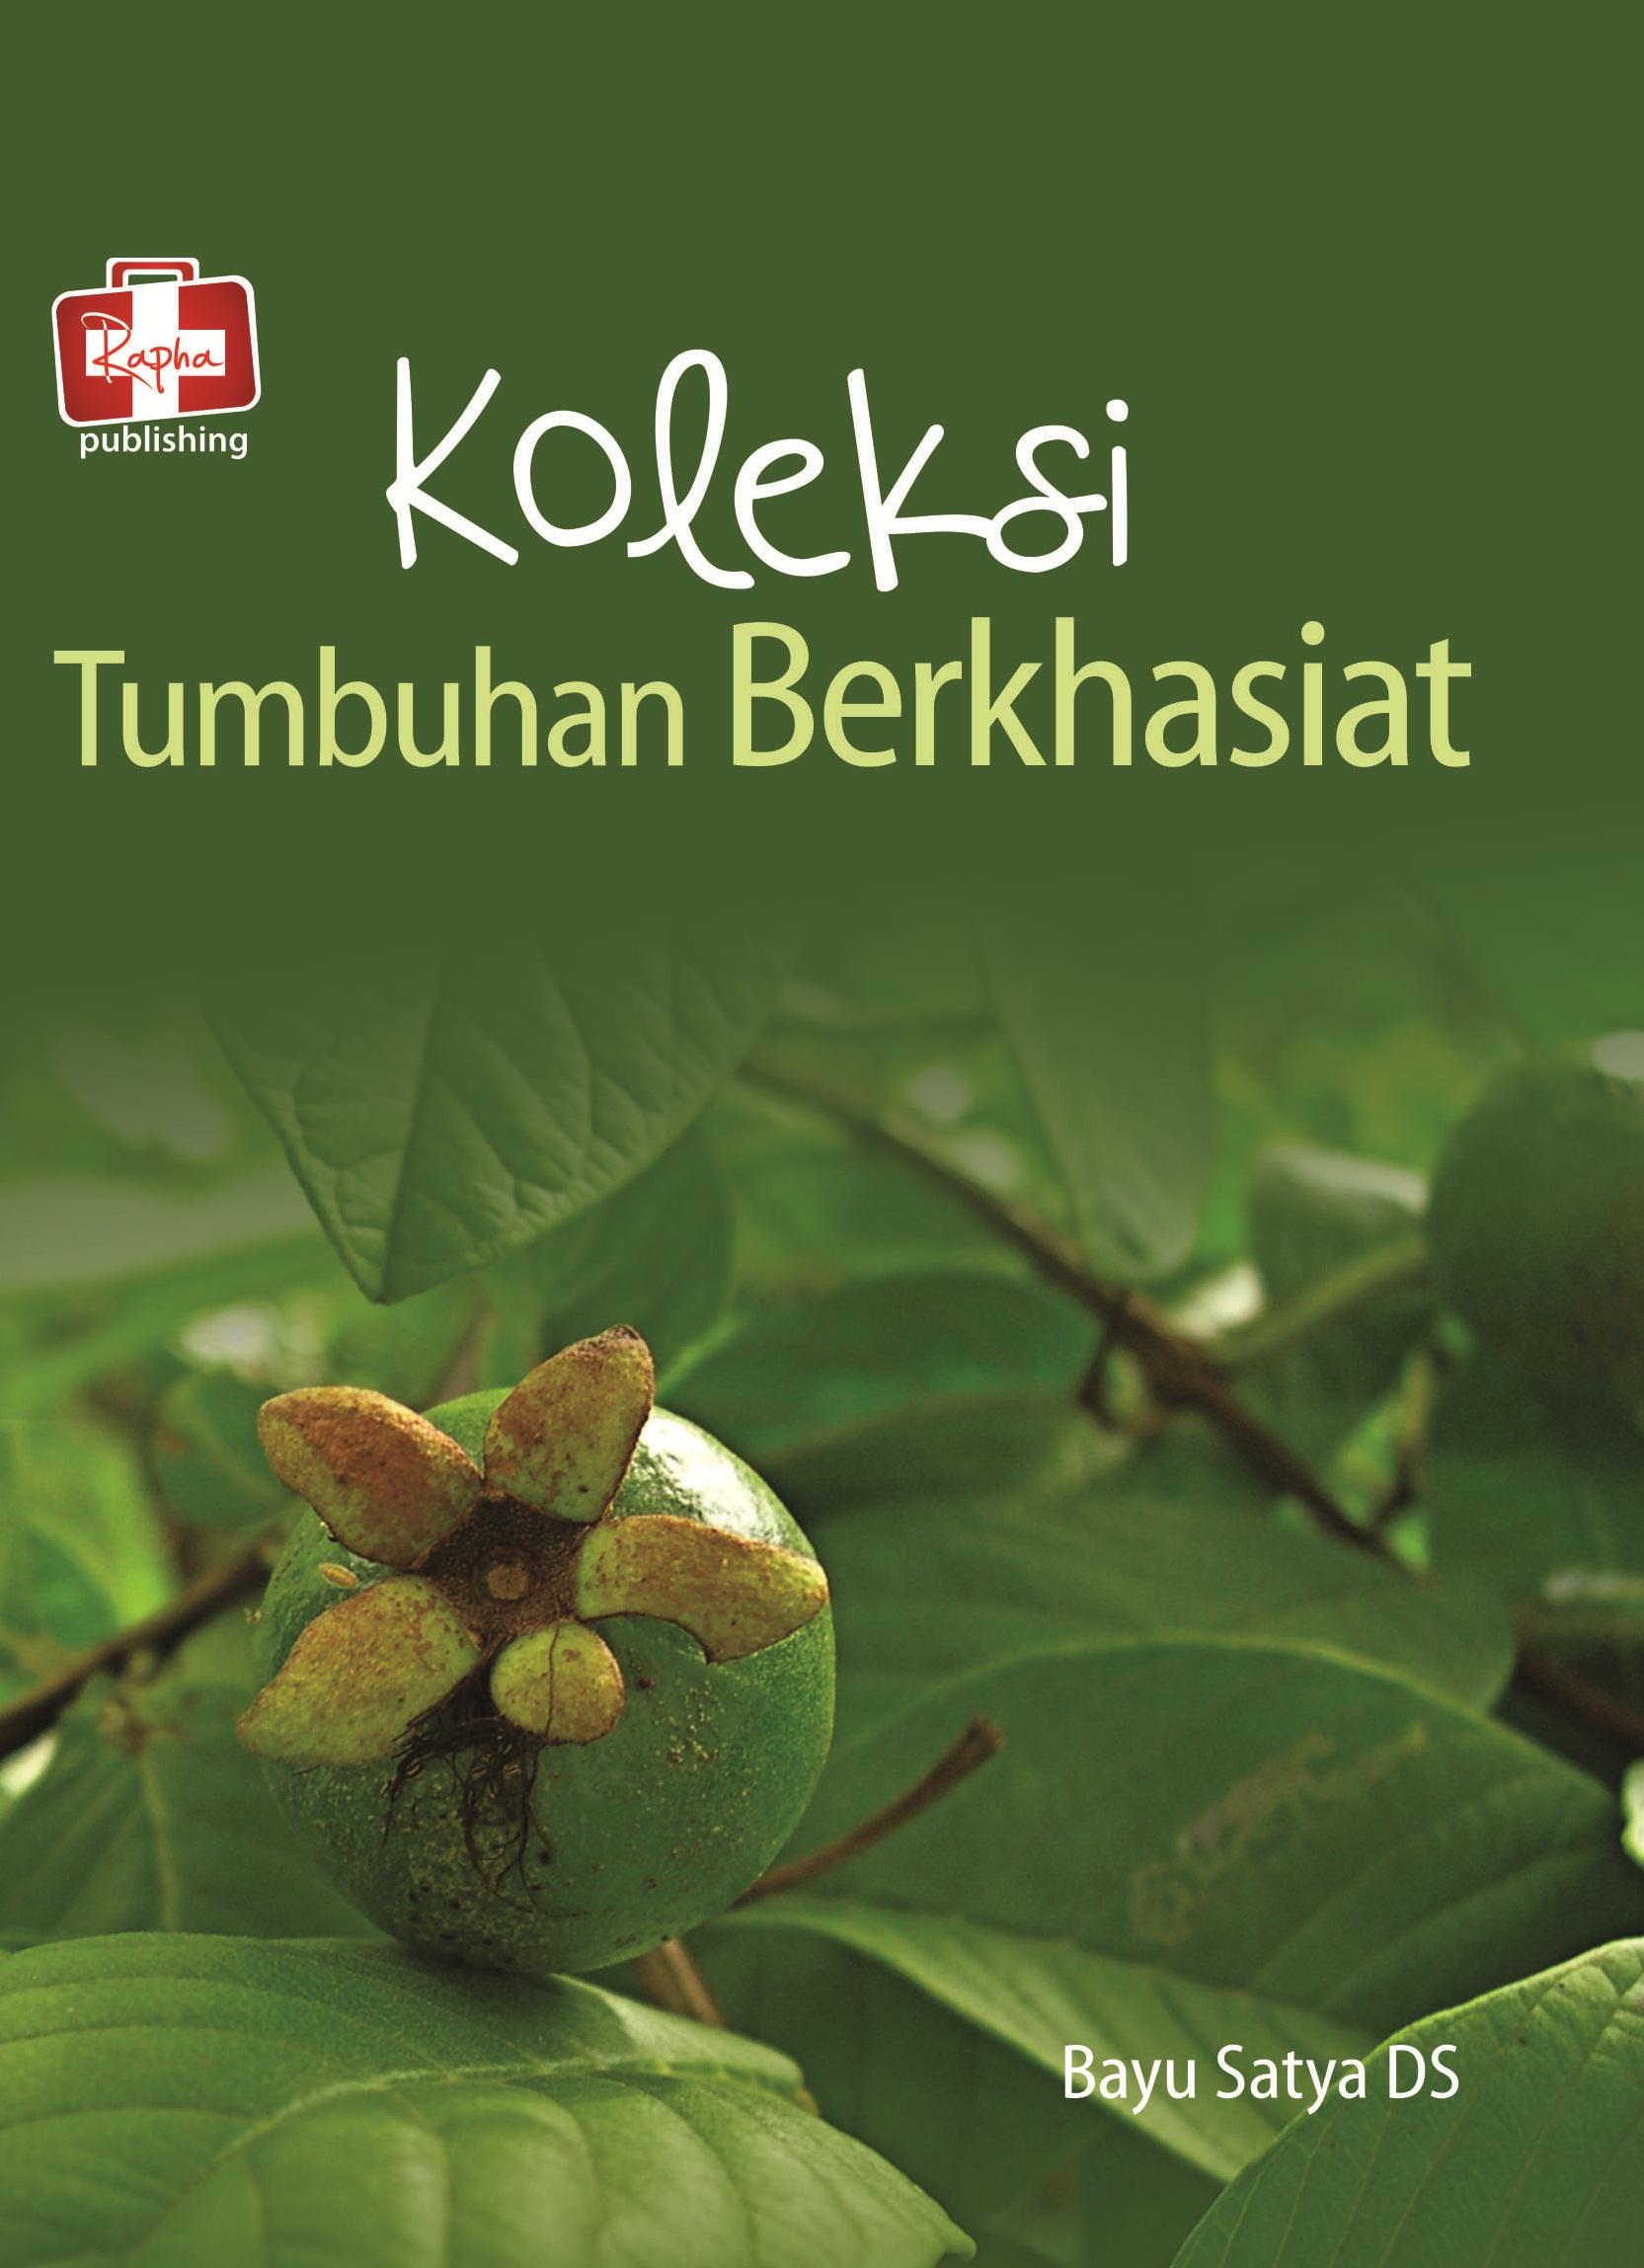 Koleksi tumbuhan berkhasiat [sumber elektronis]